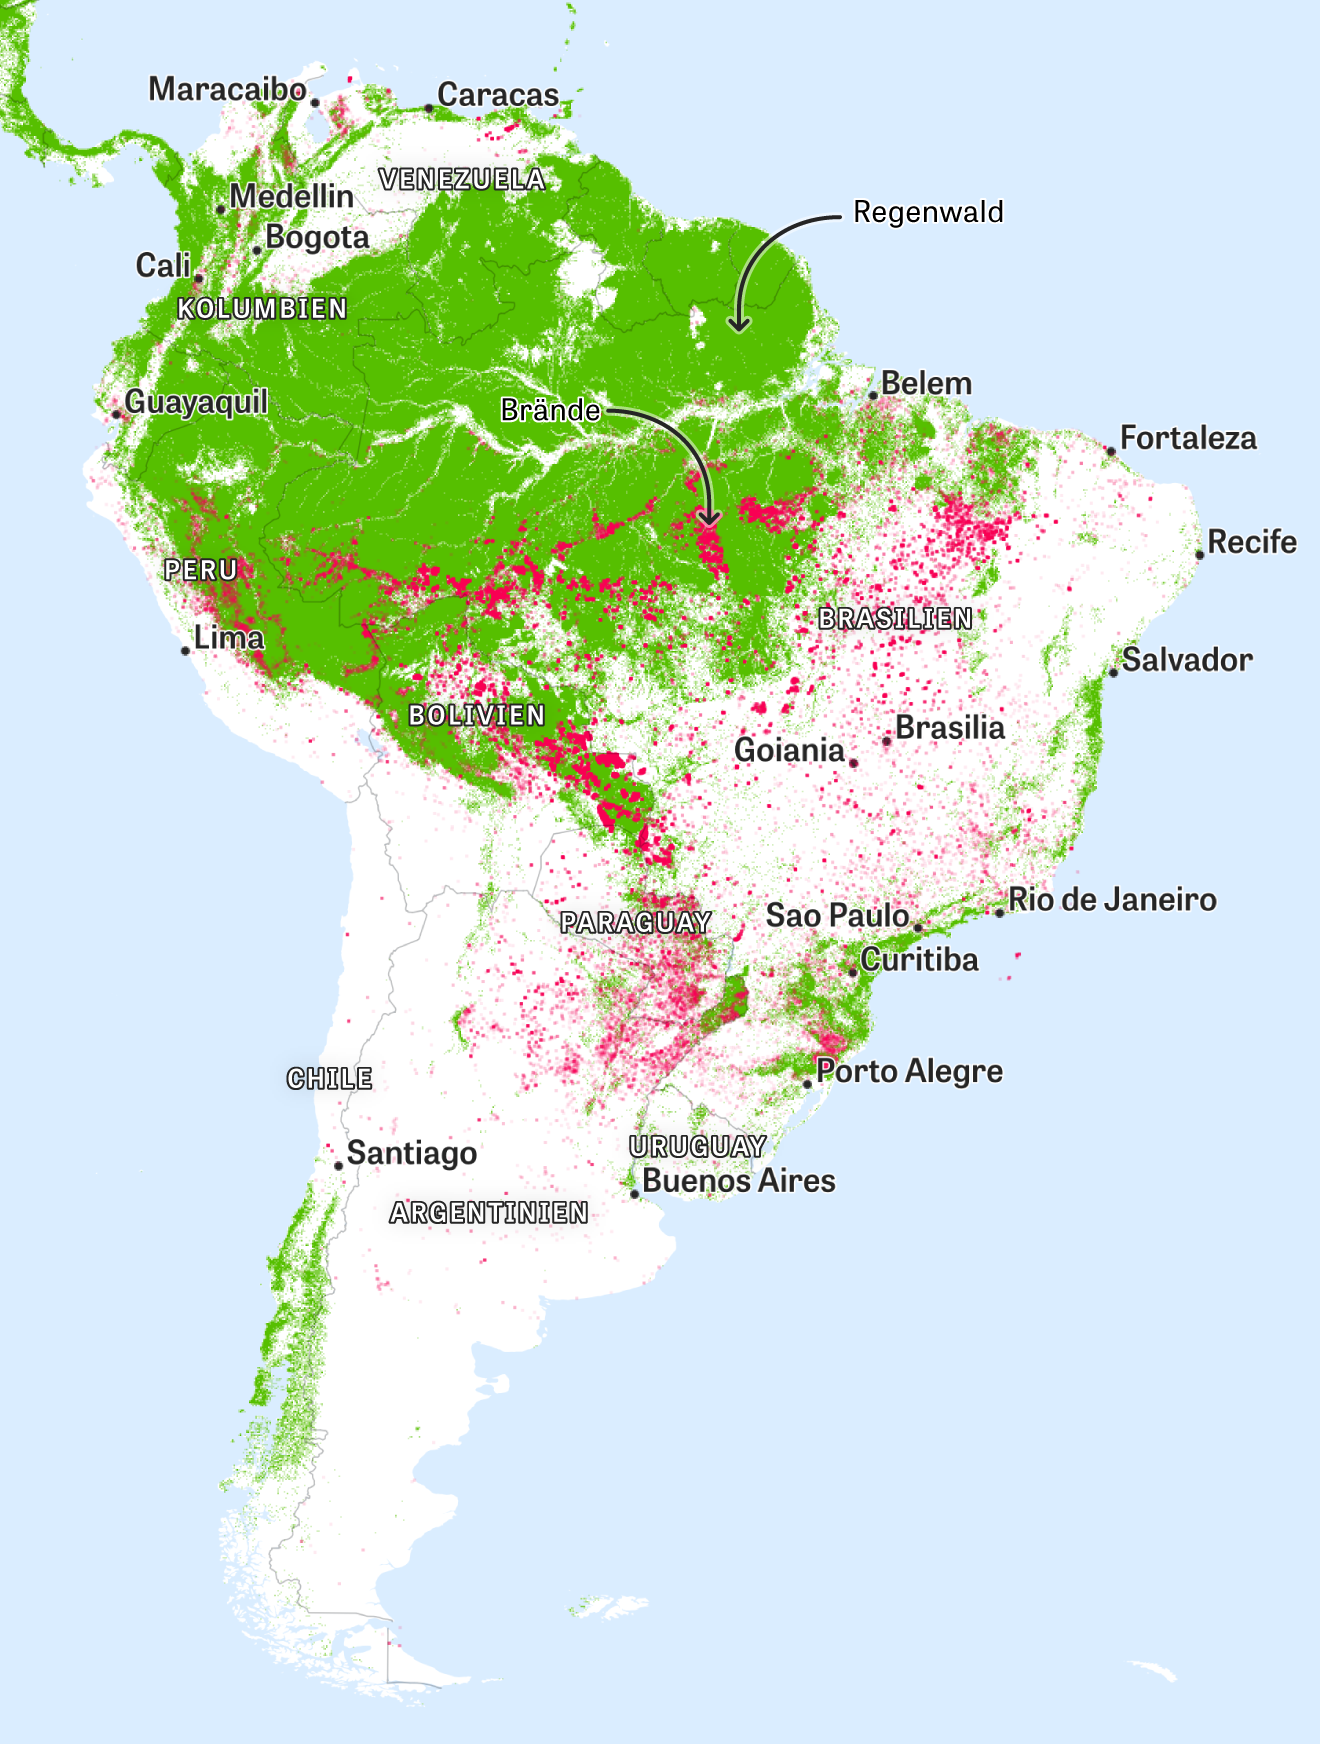 Südamerika: Messungen von Erdüberwachungssatelliten zeigen die Brandherde. Die Daten dazu wurden im Zeitraum vom 15. bis zum 22. August 2019 ermittelt.